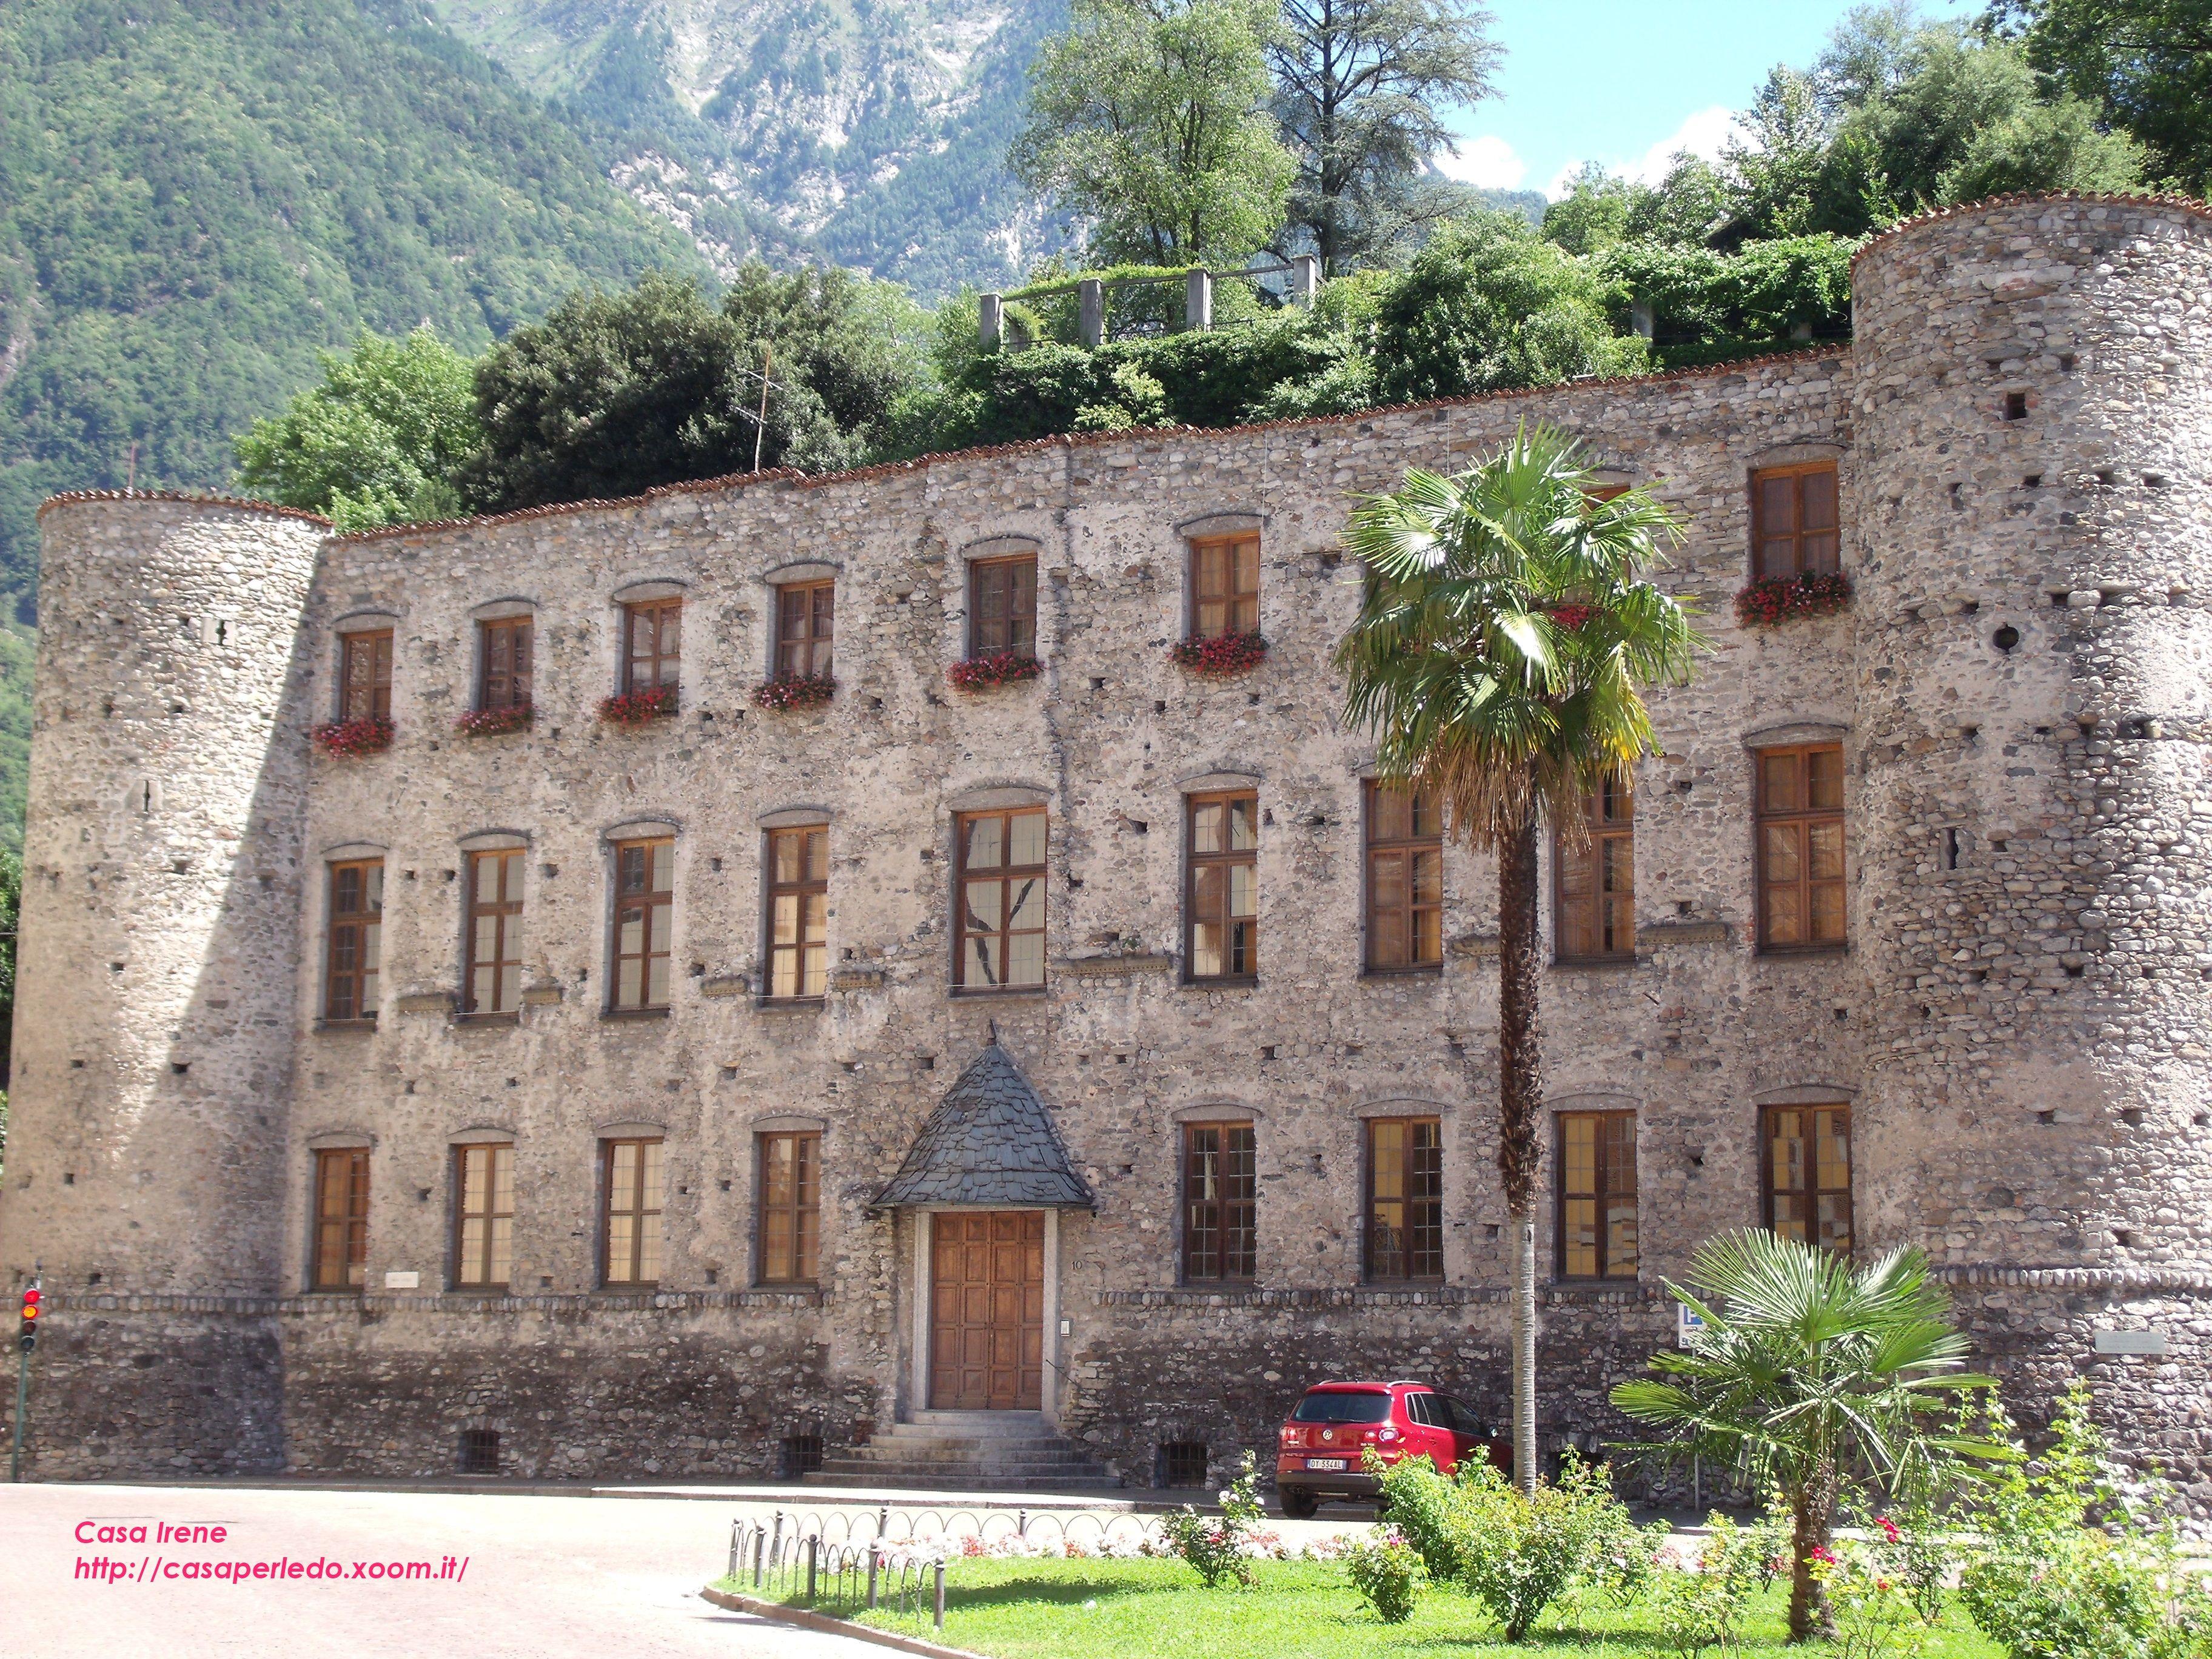 Palazzo Balbiani (the Castle) in Chiavenna (So) | Explore ...